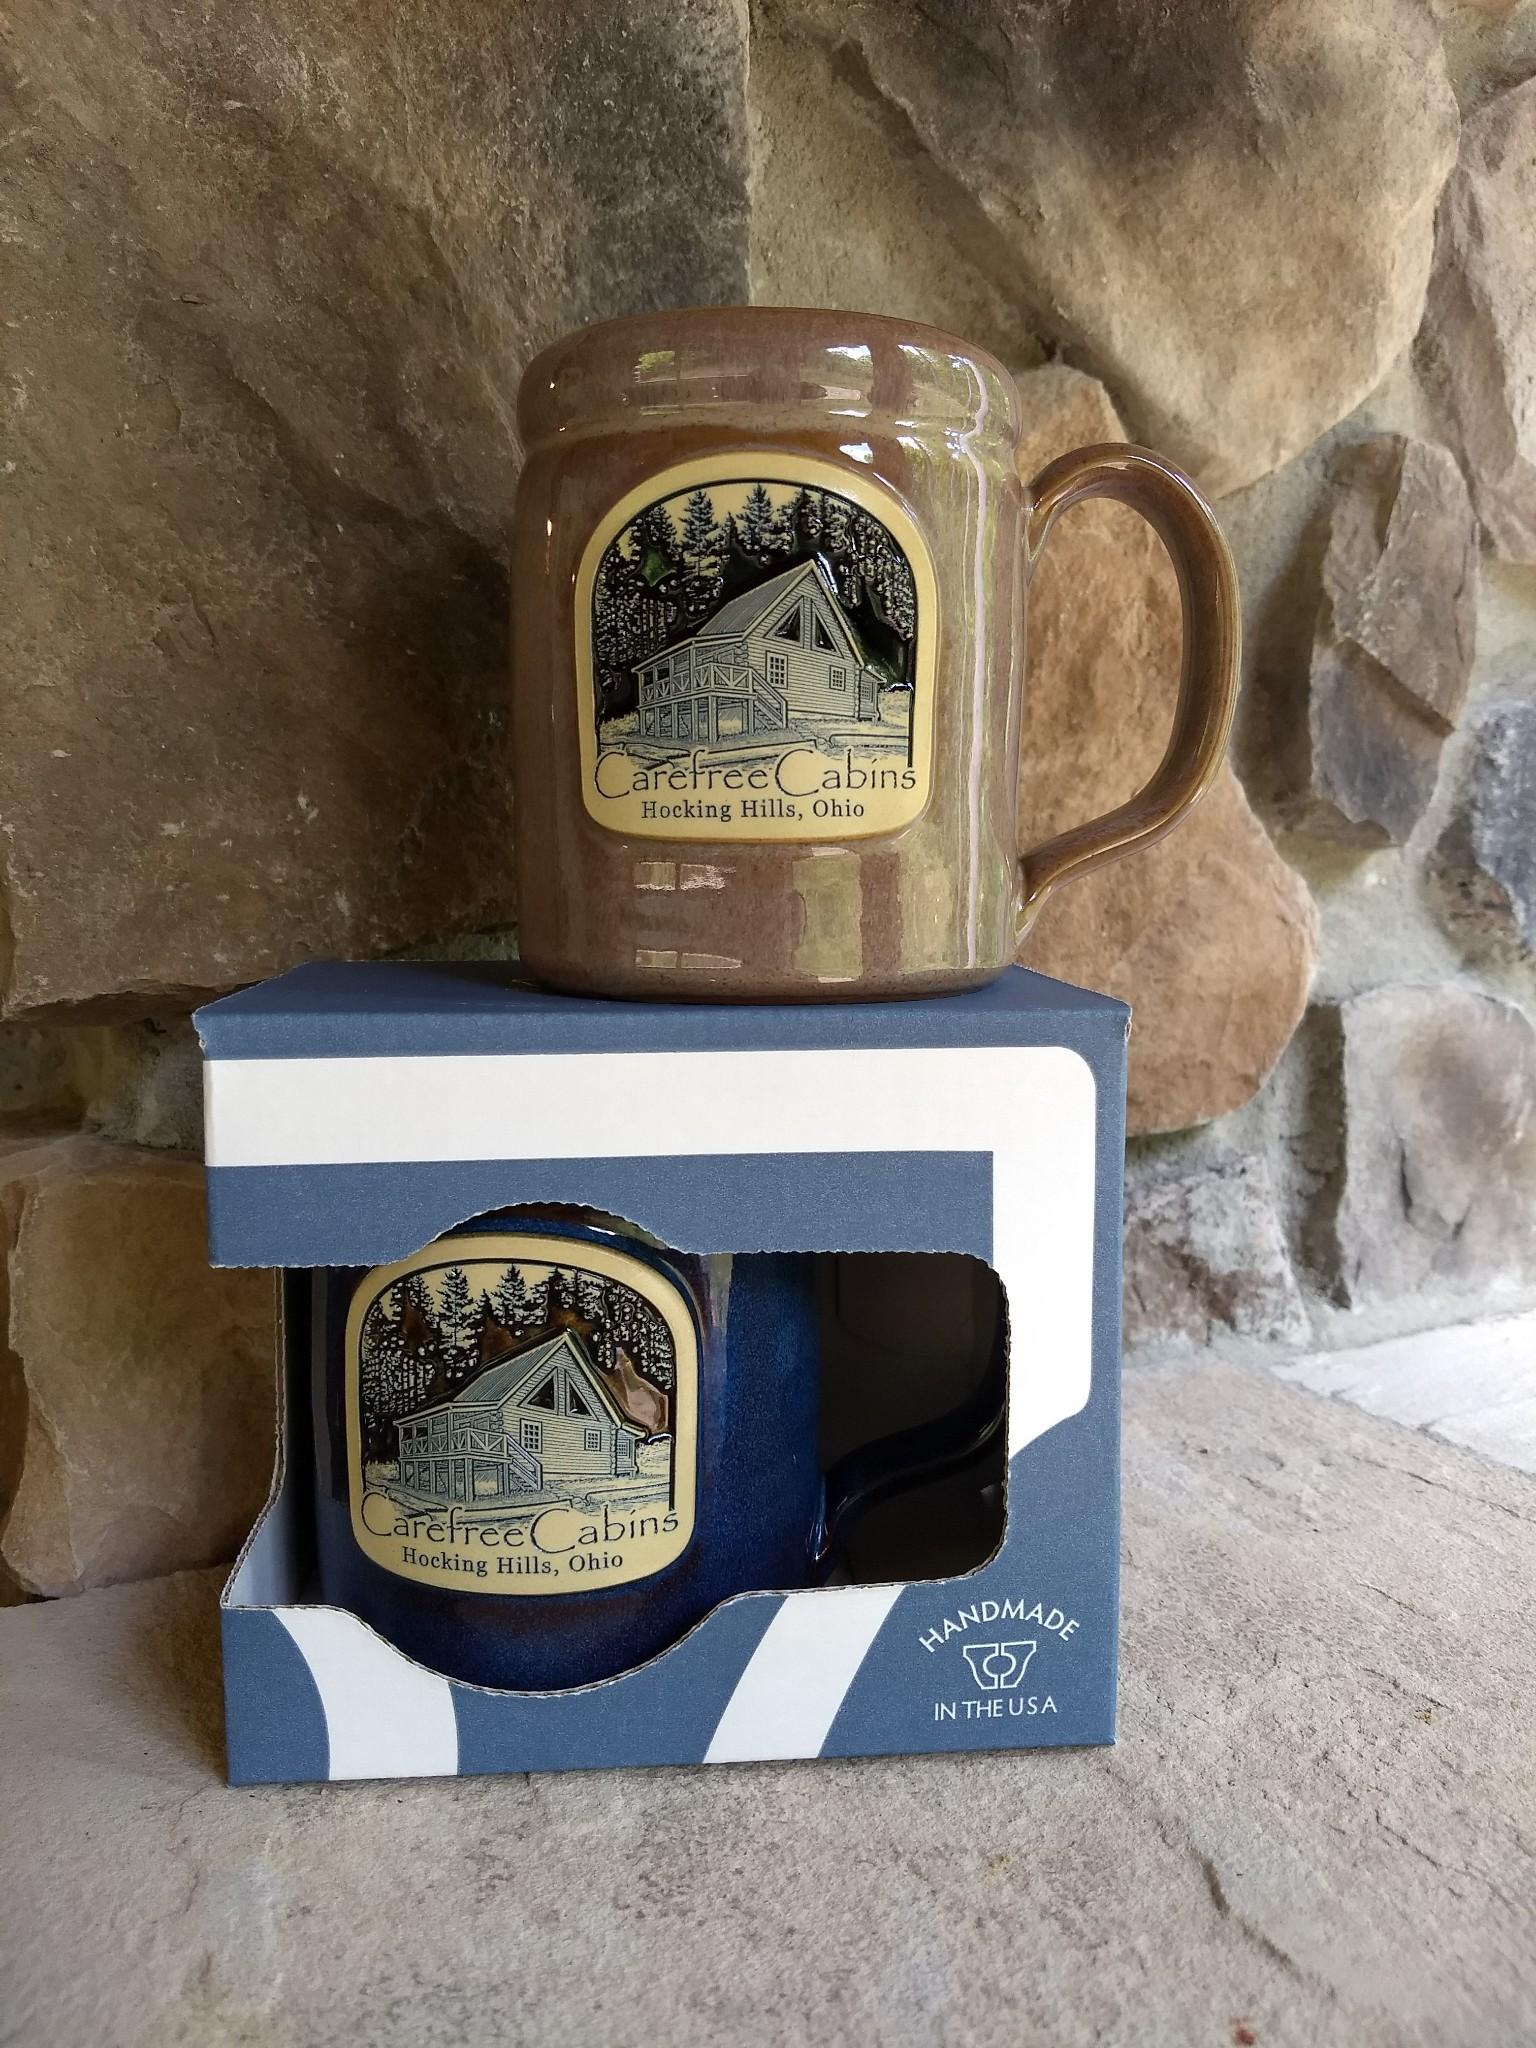 Carefree Cabins Hocking Hills mugs